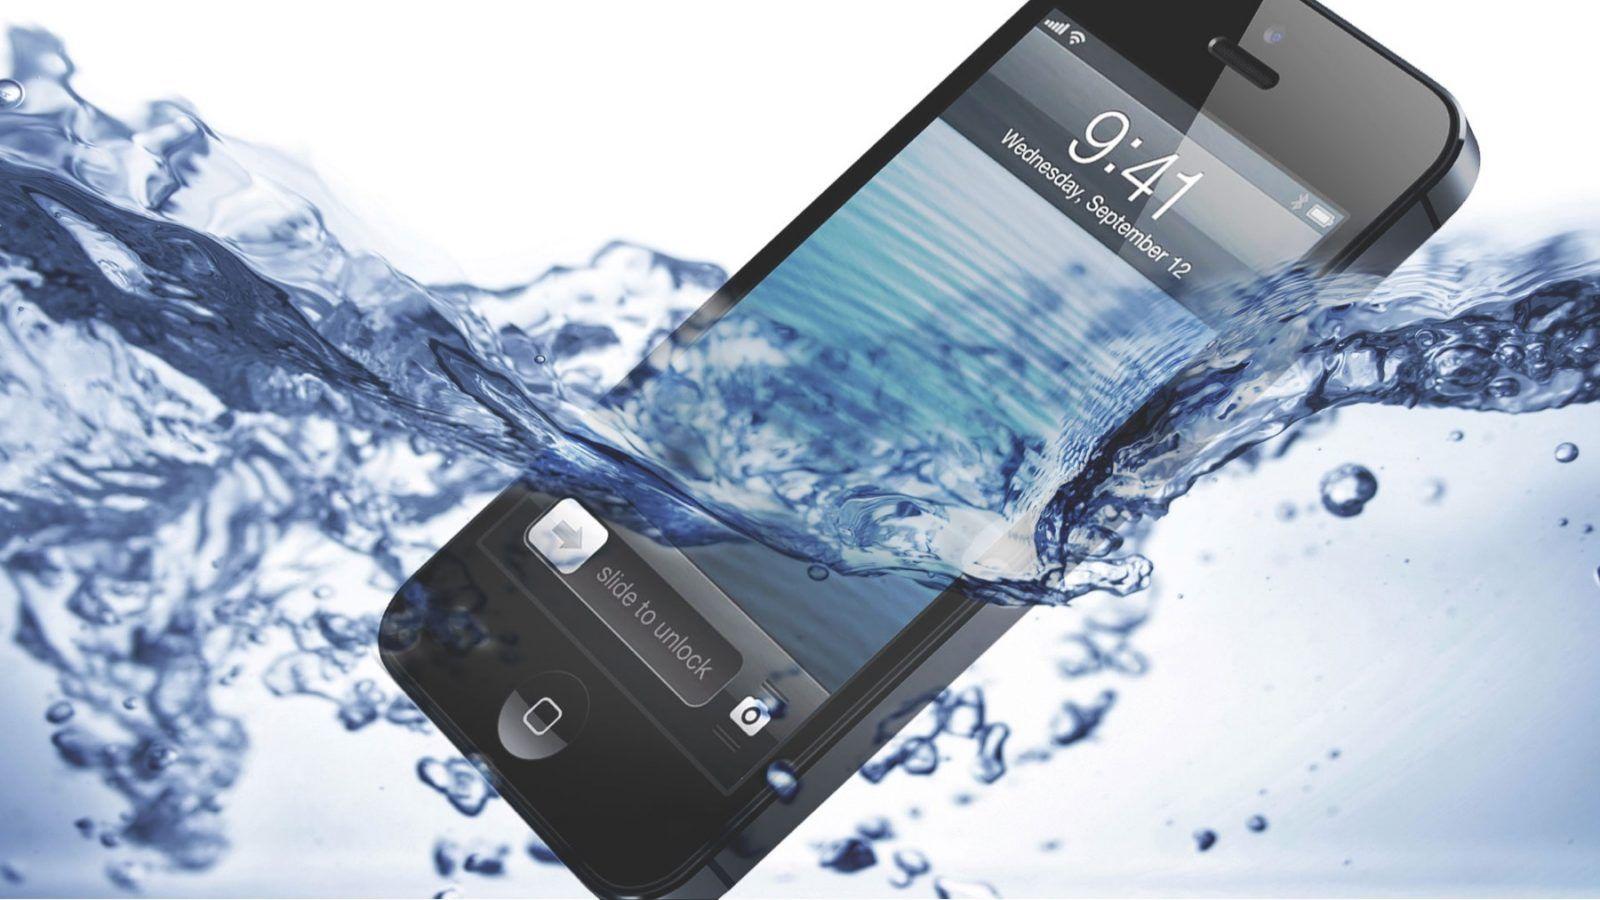 Naprawa Apple Szczecin po zalaniu. Telefon wpadł do wody? Wiemy co zrobić, aby mógł podziałać jeszcze przez długi czas!